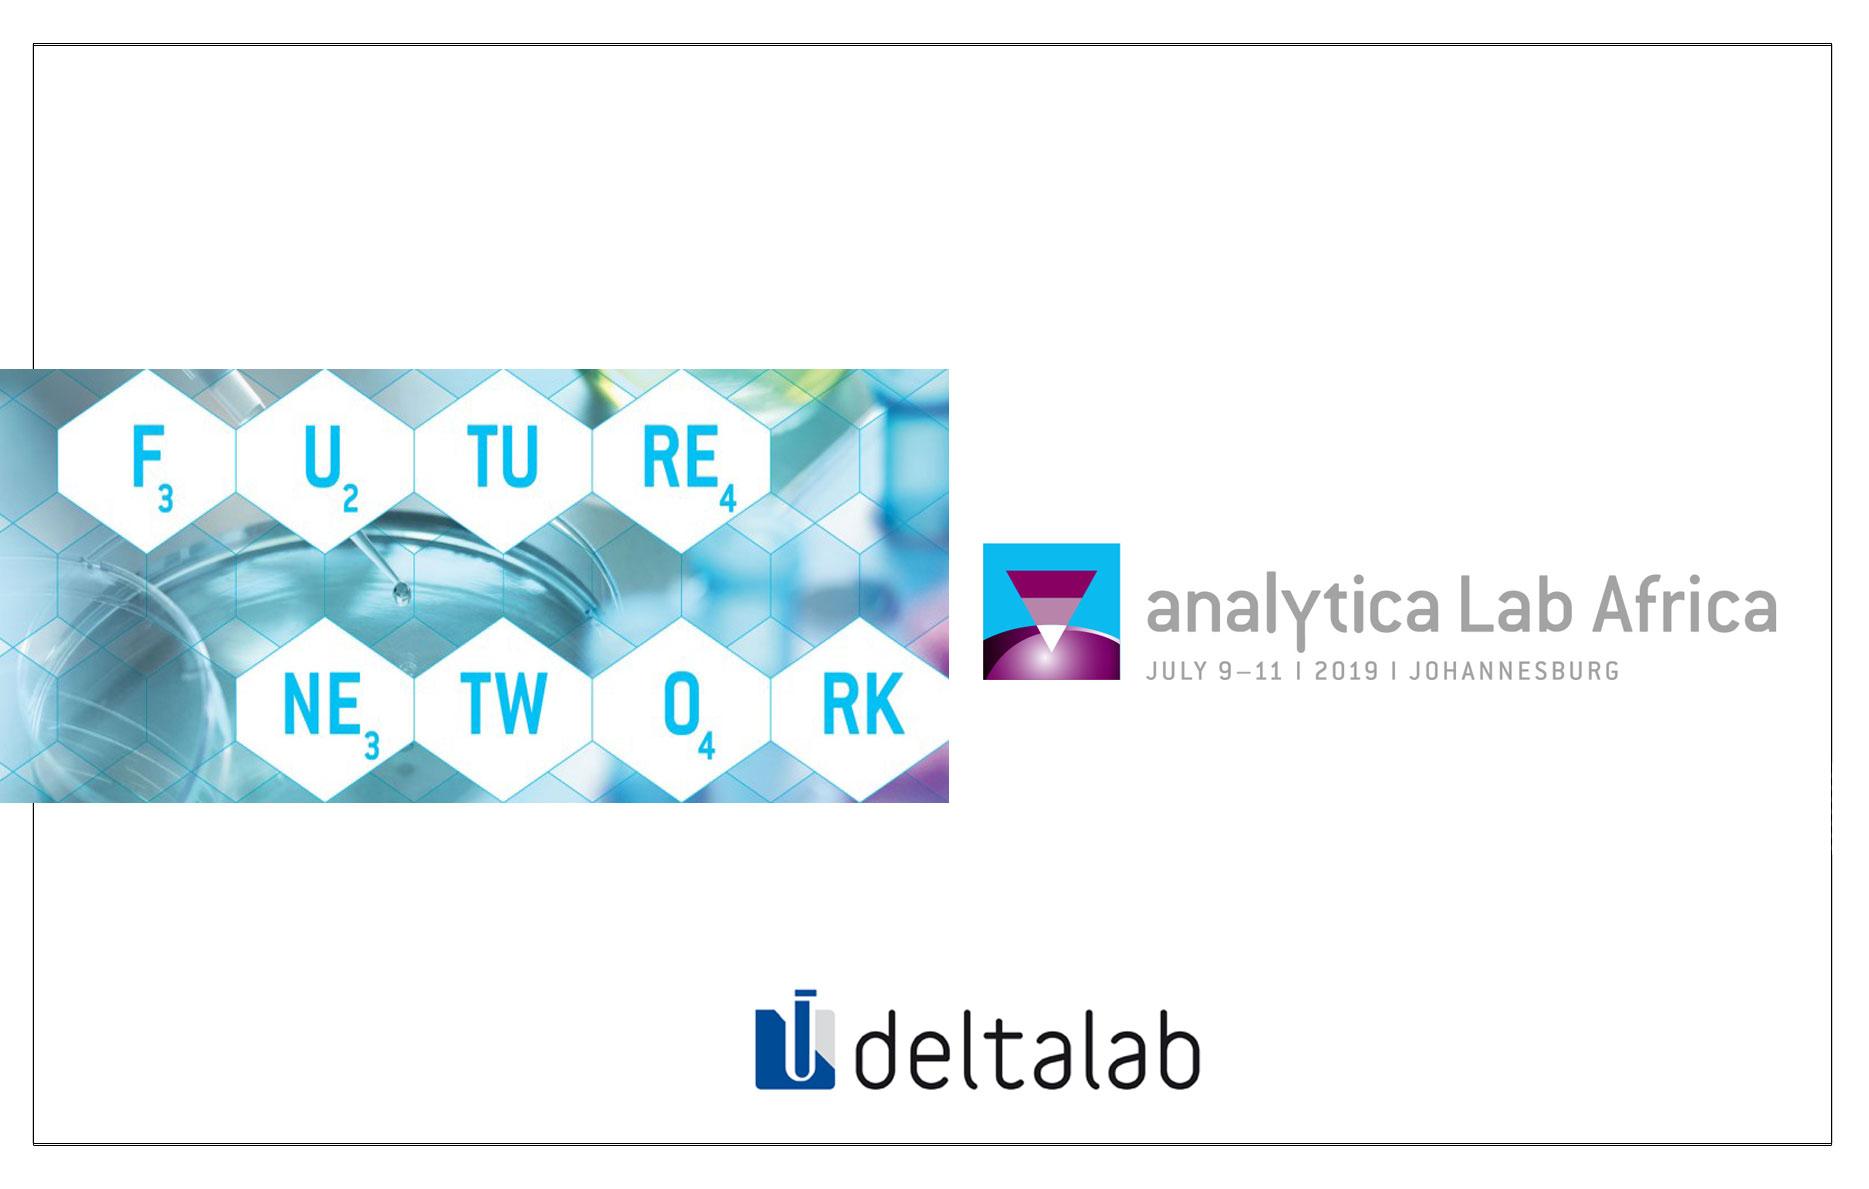 Deltalab participa a Analytica Lab Africa 2019